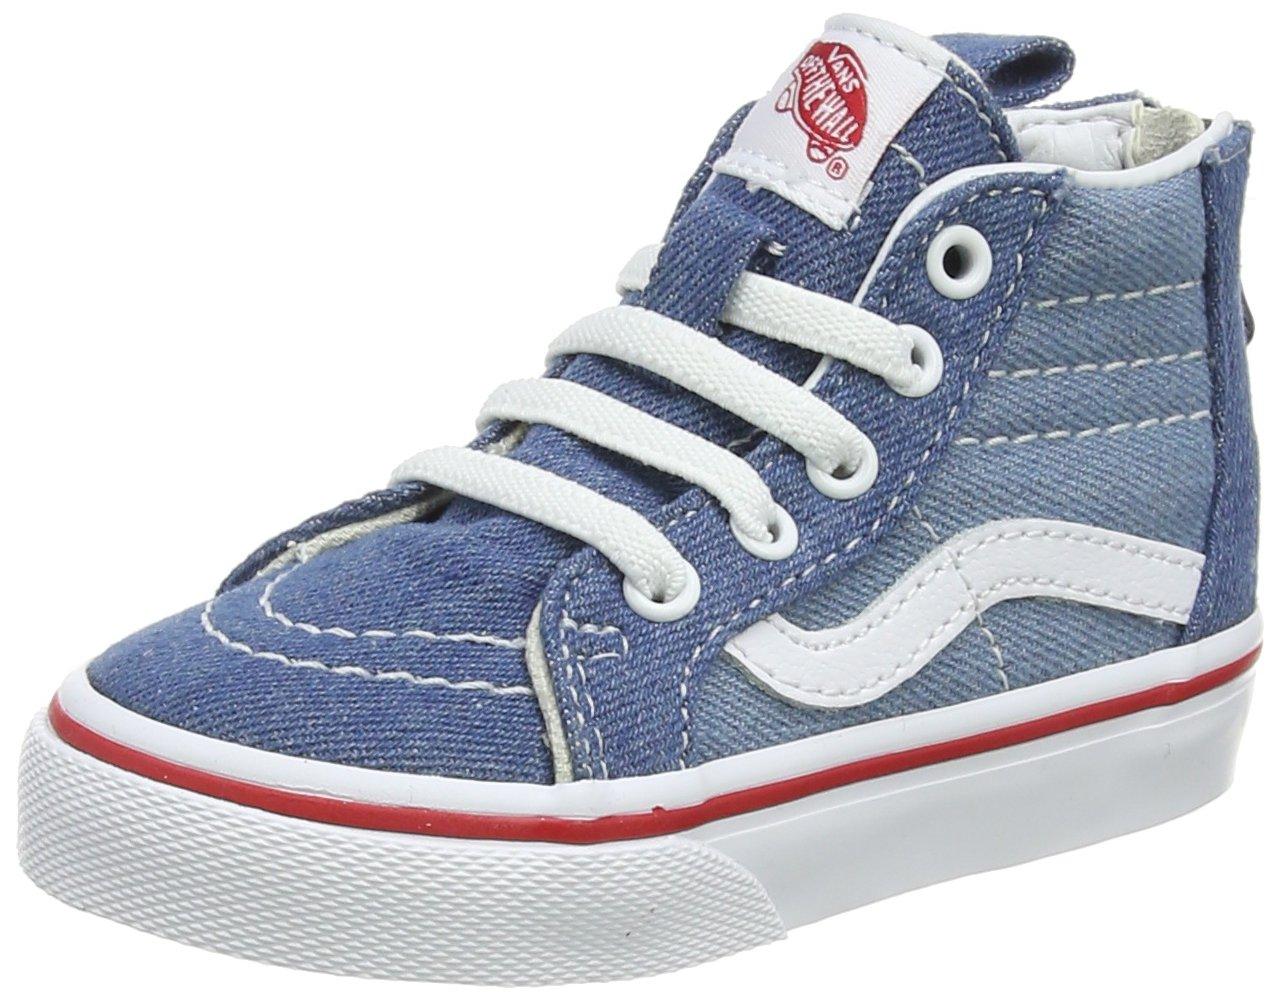 名作 【VANS】バンズ B072N8TPT7 2018春夏 SK8-HI KID'S SK8-HI ZIP White キッズ ジュニア 子供用 シューズ 靴 スニーカー B072N8TPT7 3|Blue/True White Blue/True White 3, オーディオユニオン:da949ff2 --- a0267596.xsph.ru